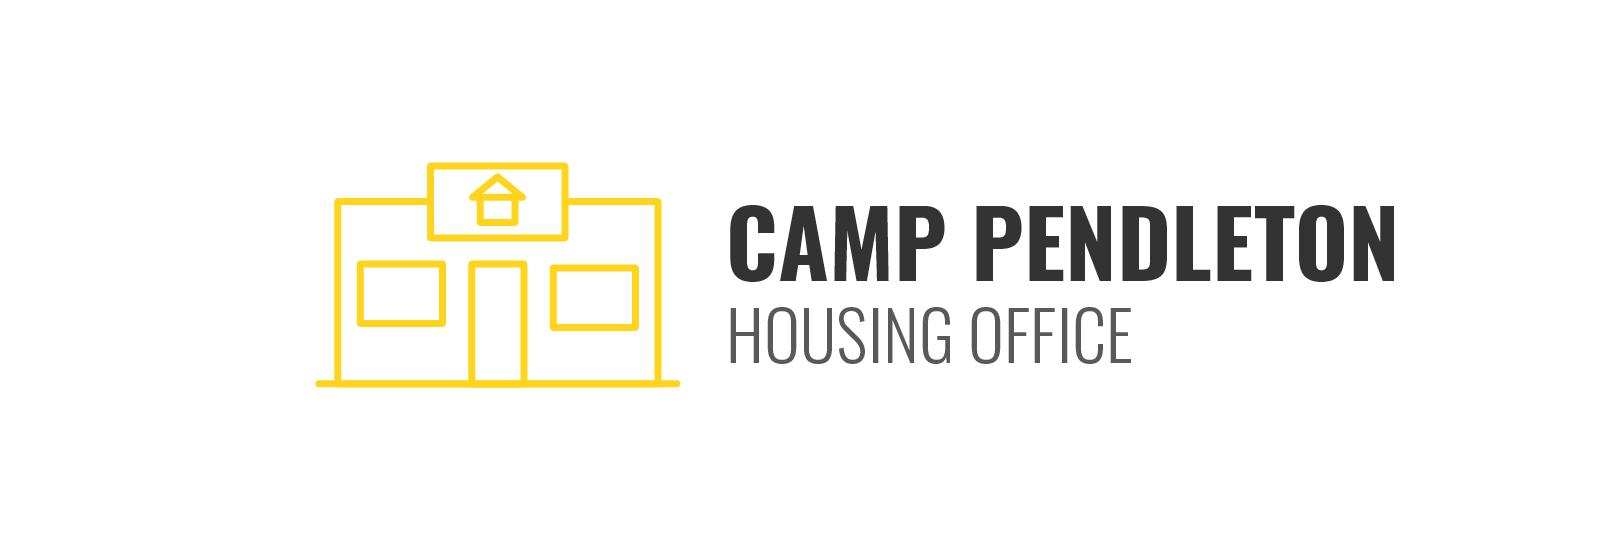 Camp Pendleton Housing Office